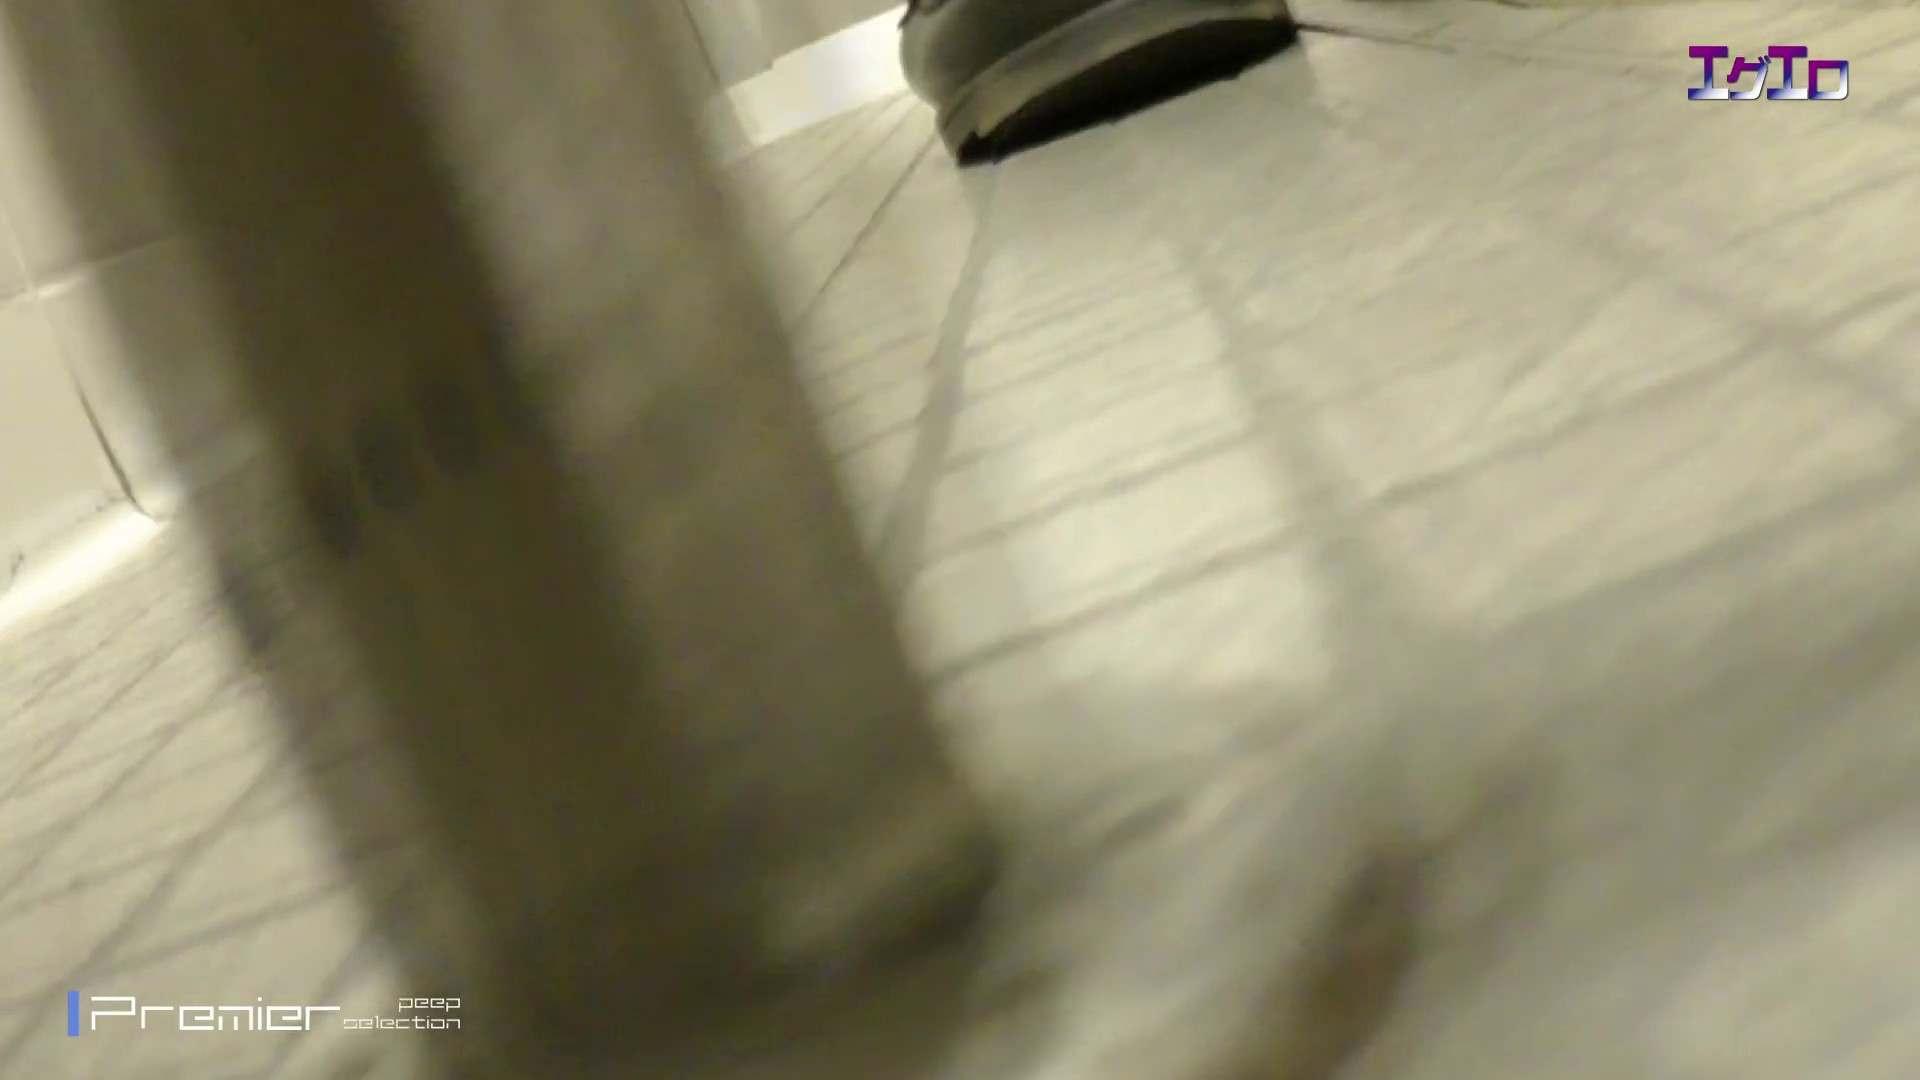 執念の撮影&追撮!!某女子校の通学路にあるトイレ 至近距離洗面所 Vol.16 洗面所  58pic 24